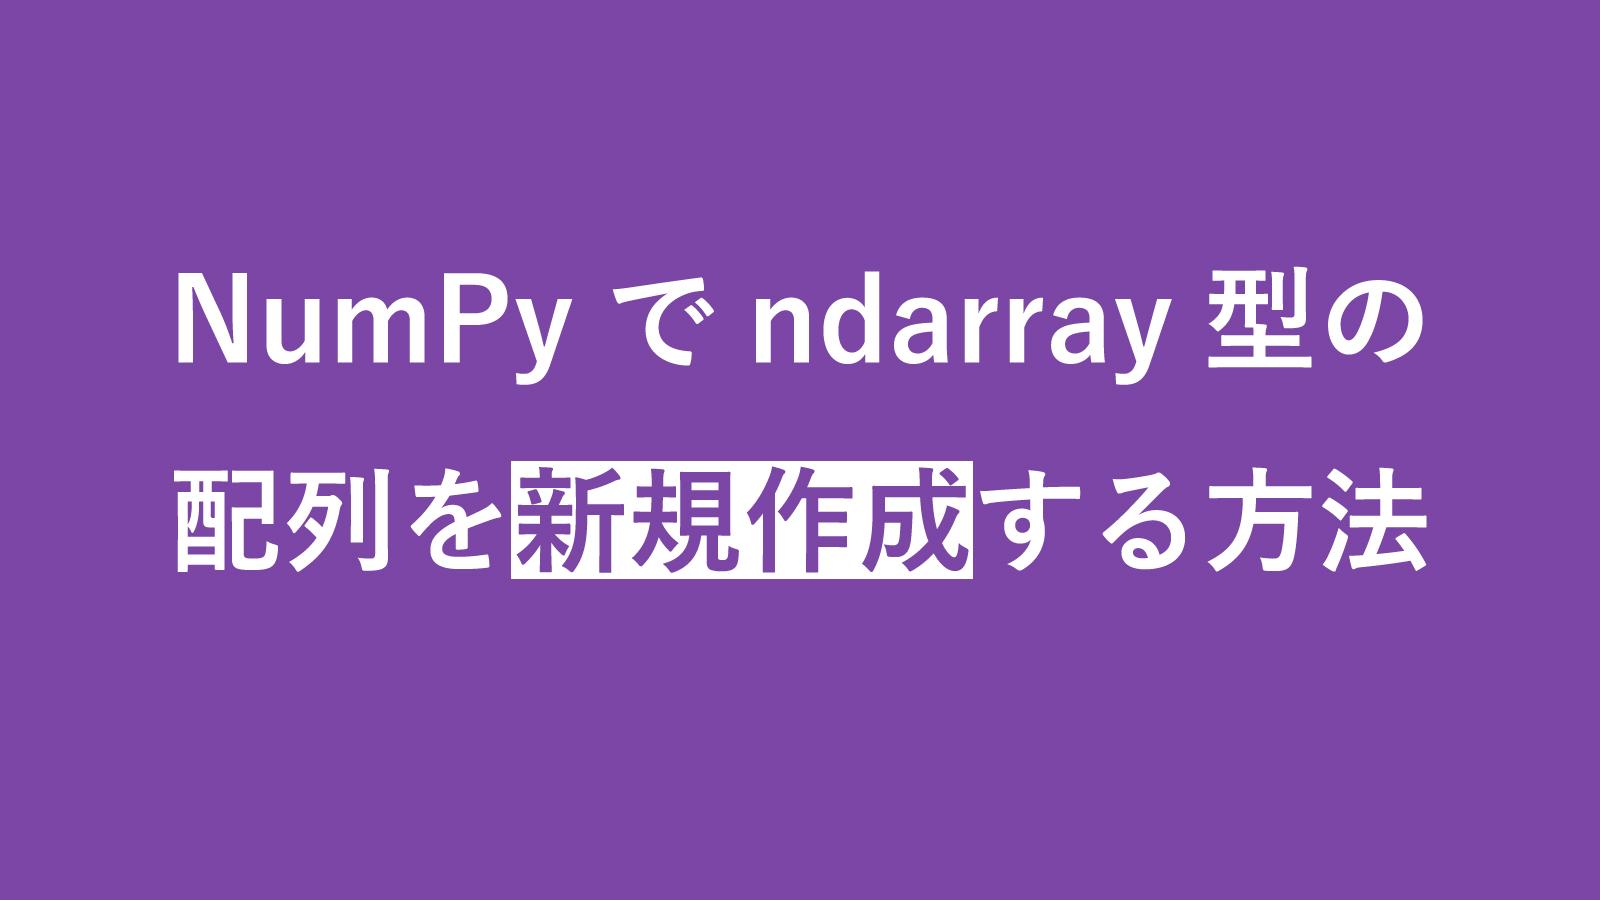 【保存版】NumPyでndarray型の配列を新規作成する方法まとめ